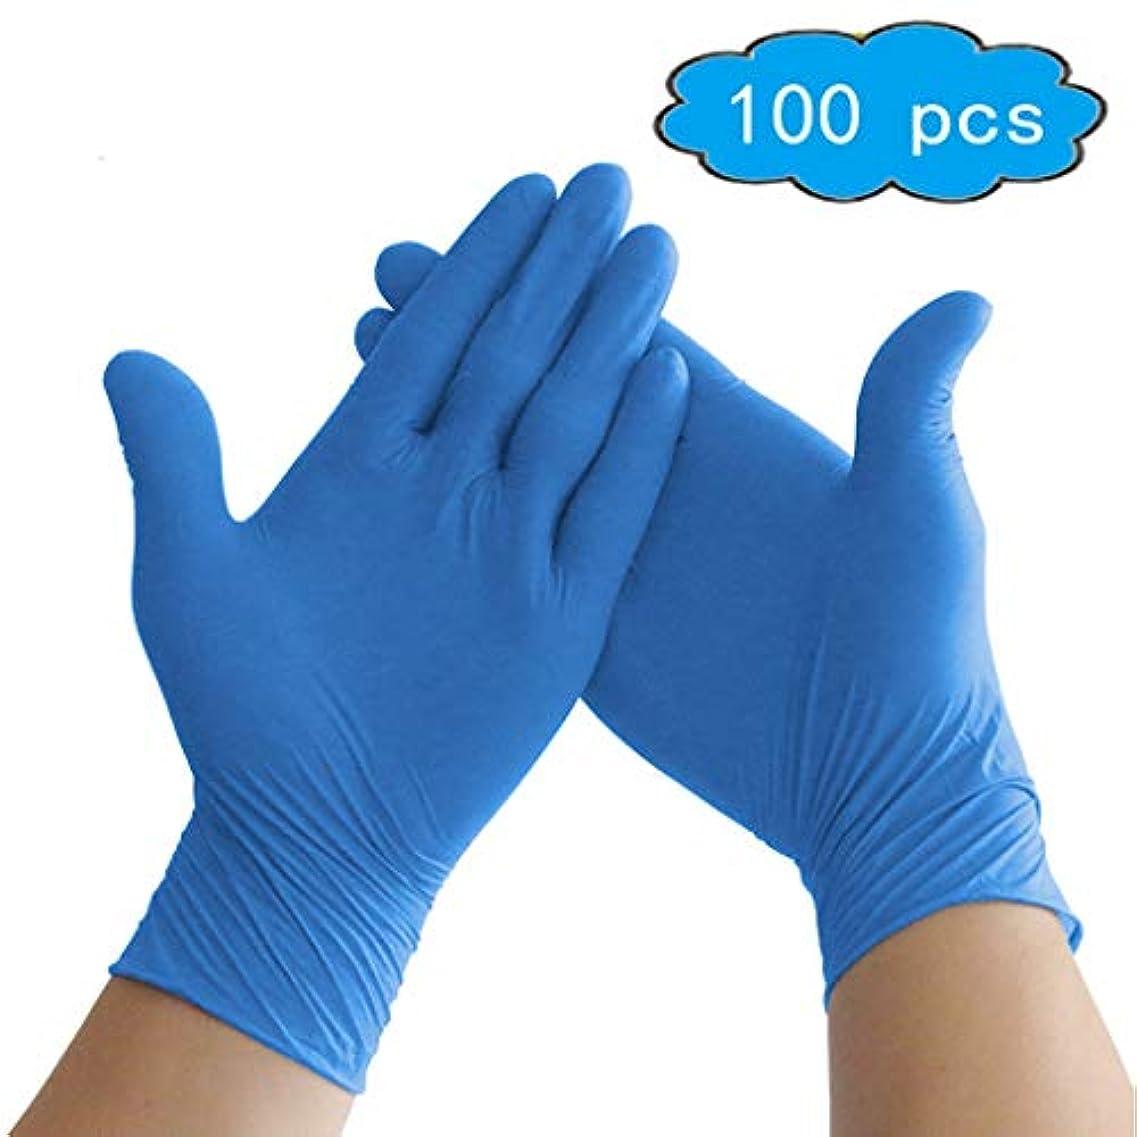 乱用王子熱意ニトリル手袋工業、パウダーフリー、使い捨て、ブルー(100箱)衛生手袋 (Color : Blue, Size : S)